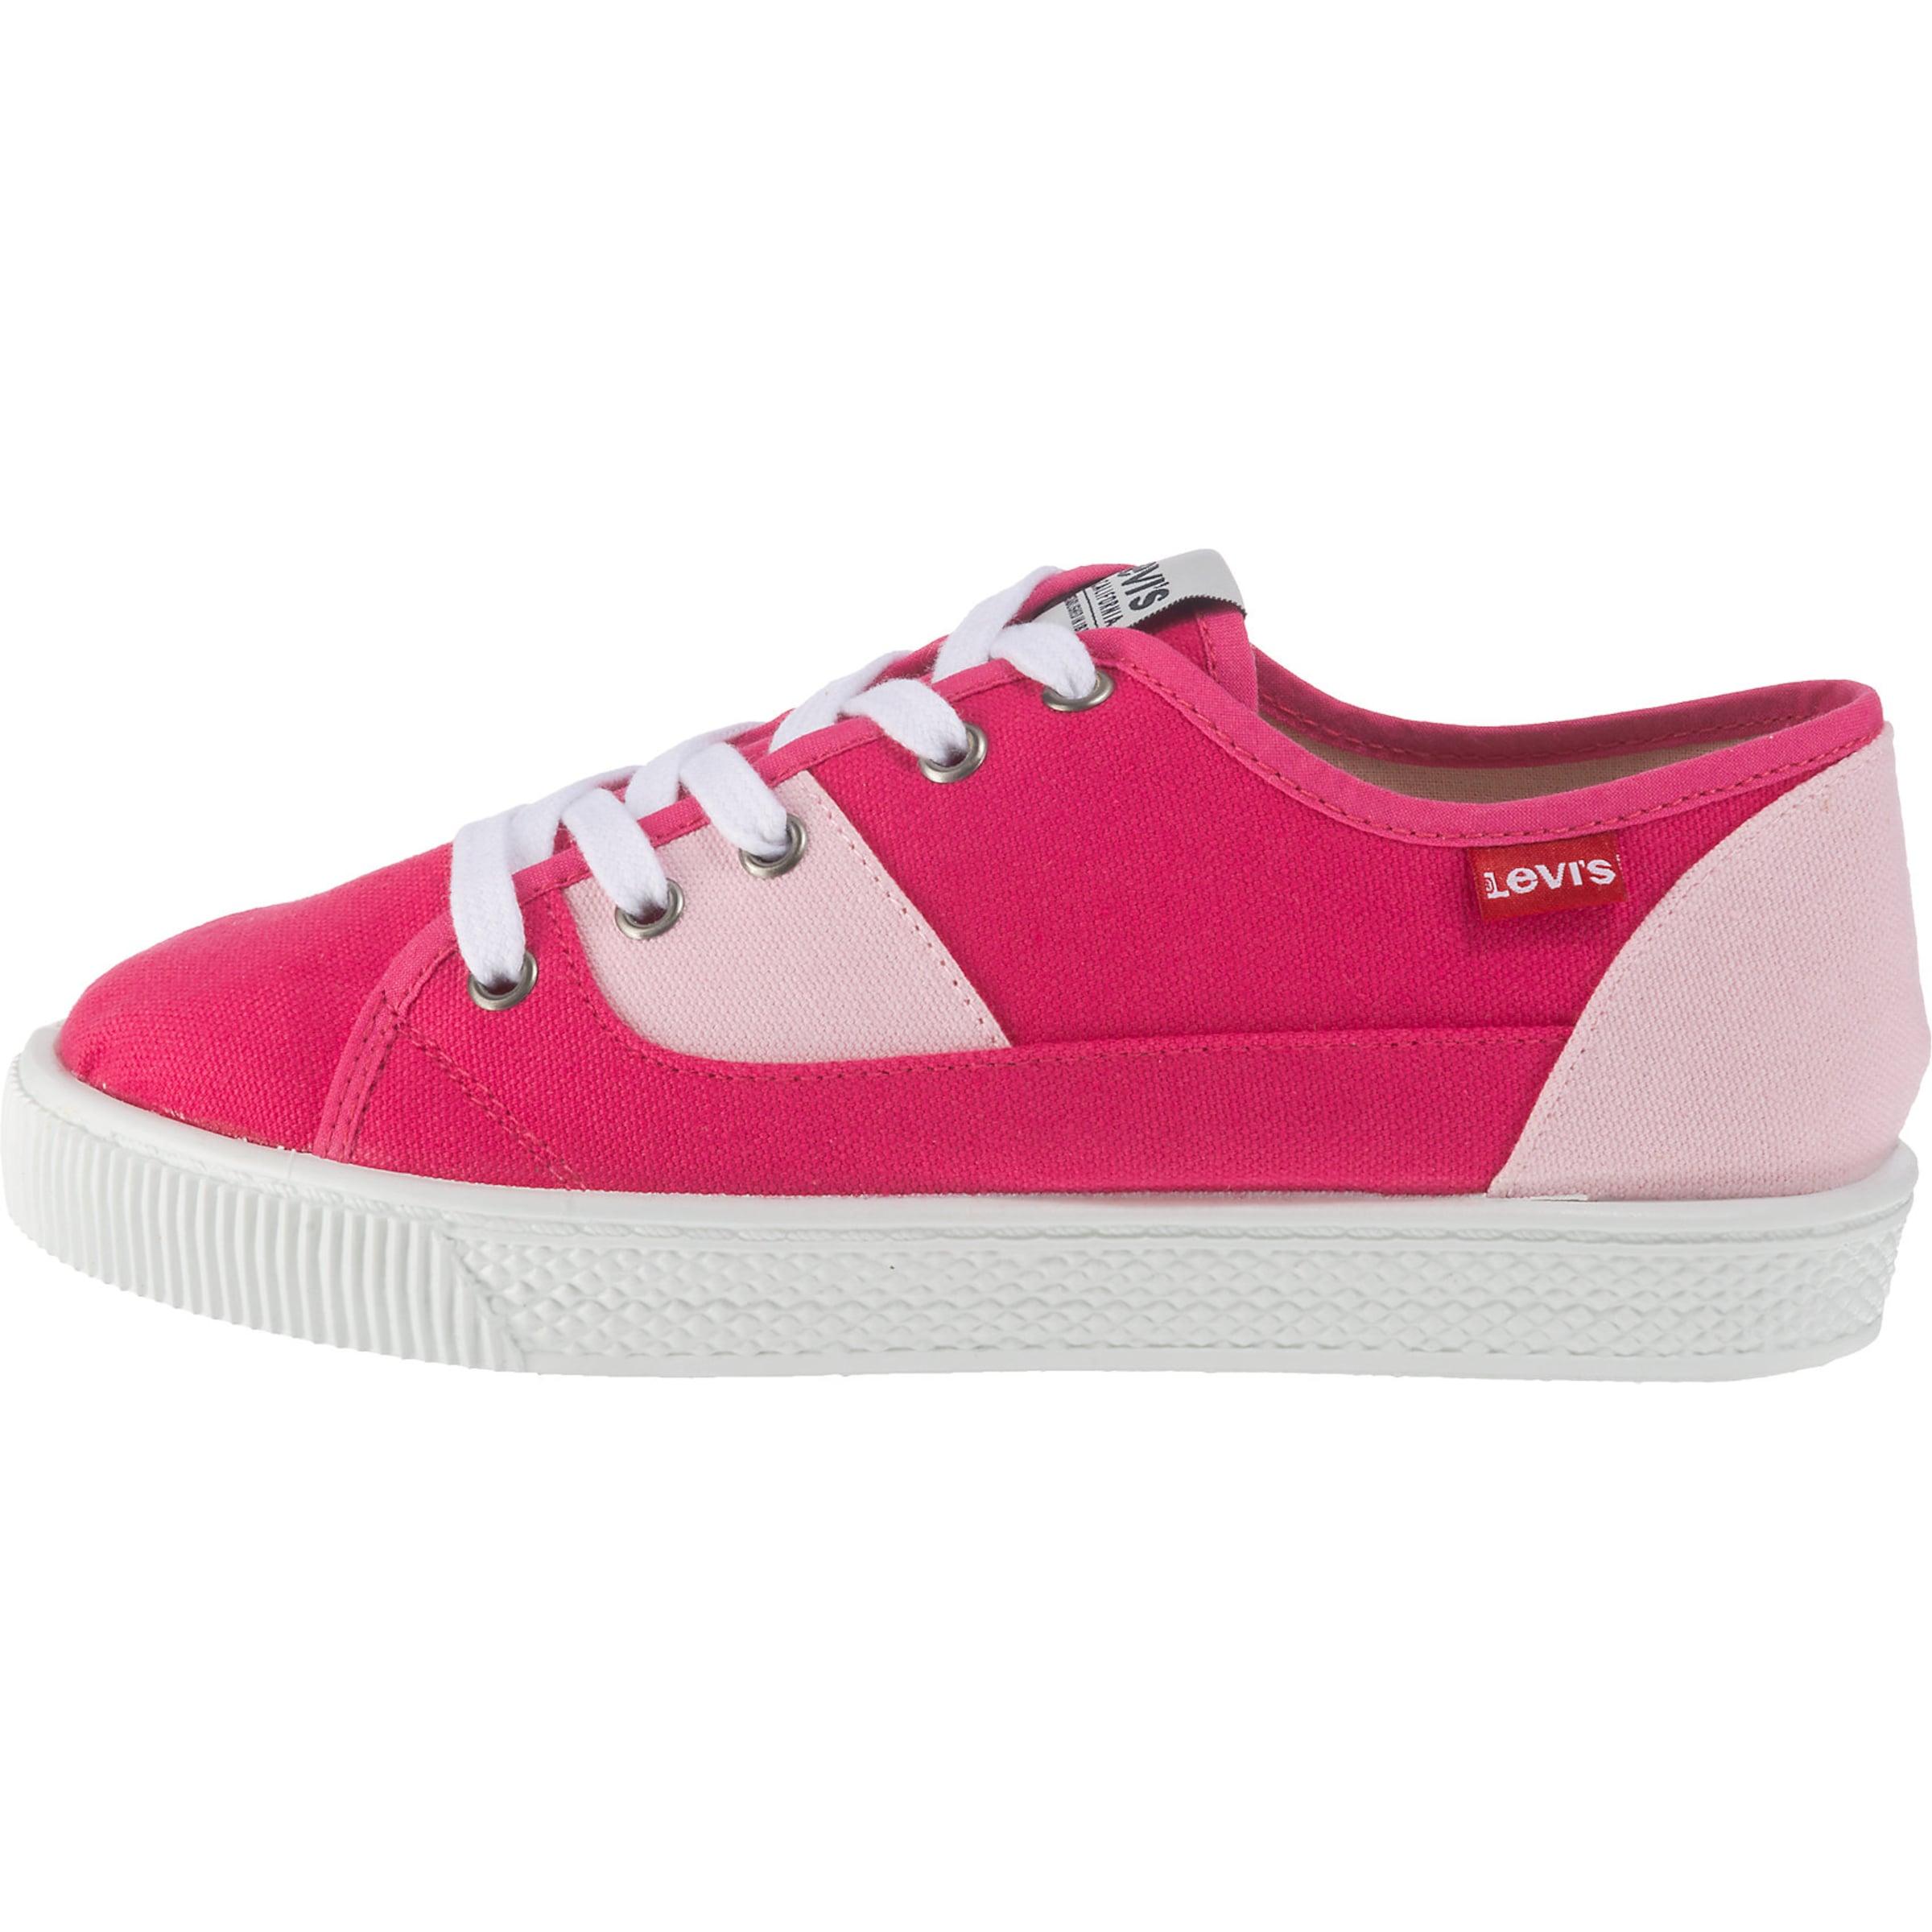 LEVI'S 'Malibu Lady Patch' Sneakers Low Suchen Sie Nach Verkauf Angebot Zum Verkauf Outlet Großer Rabatt Footlocker Verkauf Online Rabatt-Spielraum XMBpv